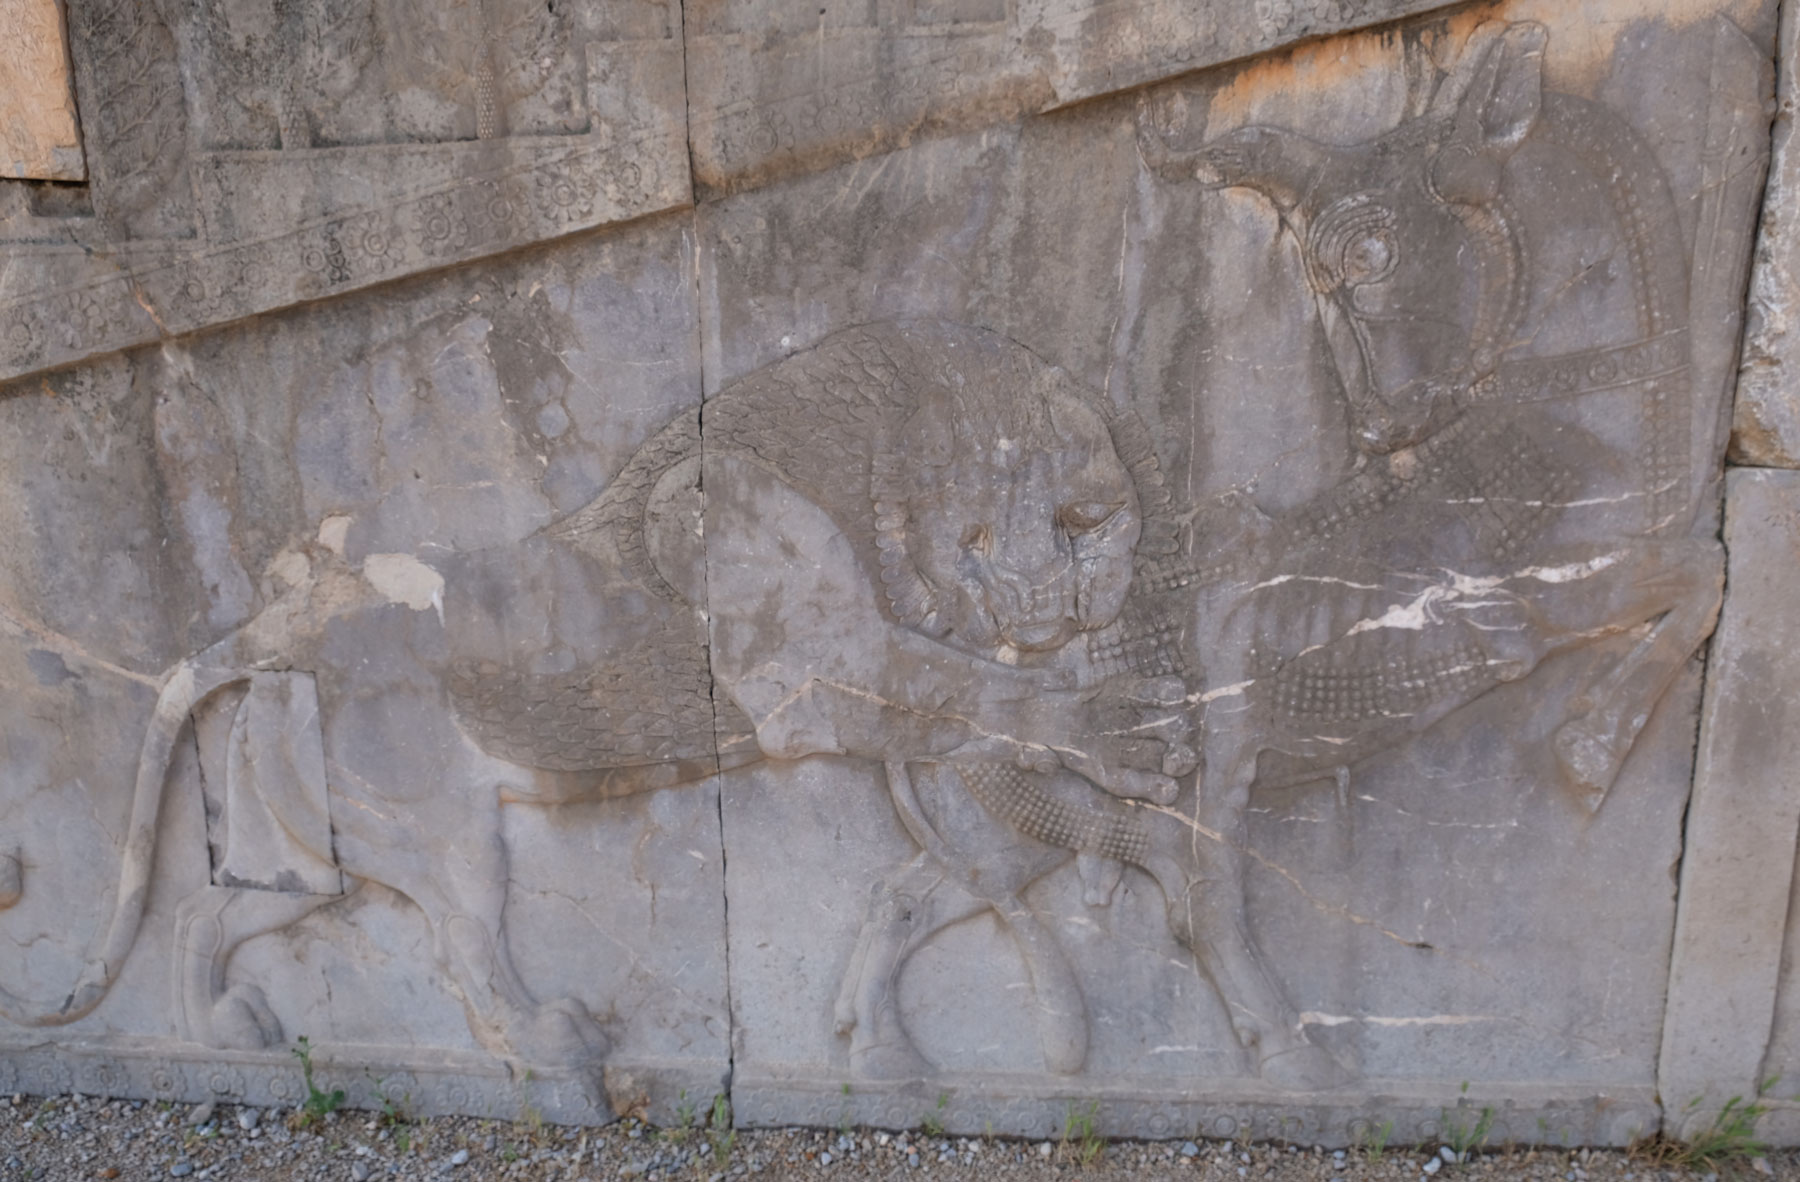 Eine Darstellung auf zwei Steinplatten, in der ein Löwe einen Stier beißt